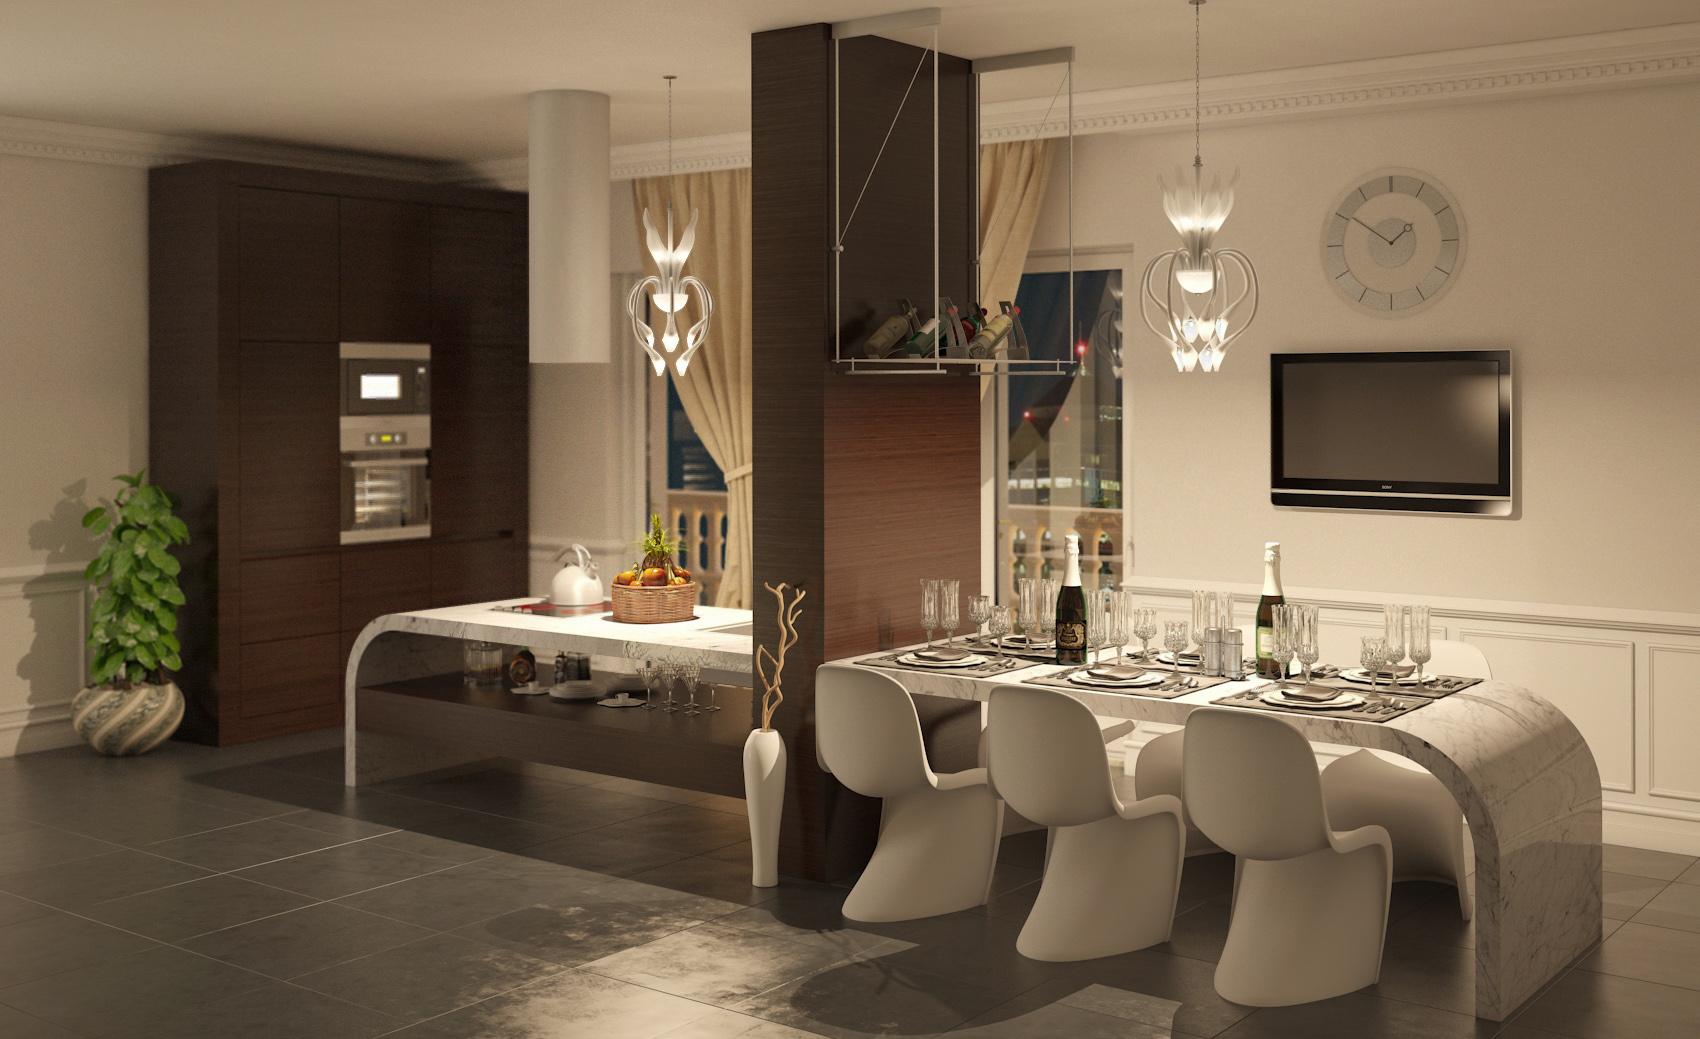 Cucine Di Lusso Design : Cucina di lusso [final] architettura e interior design treddi